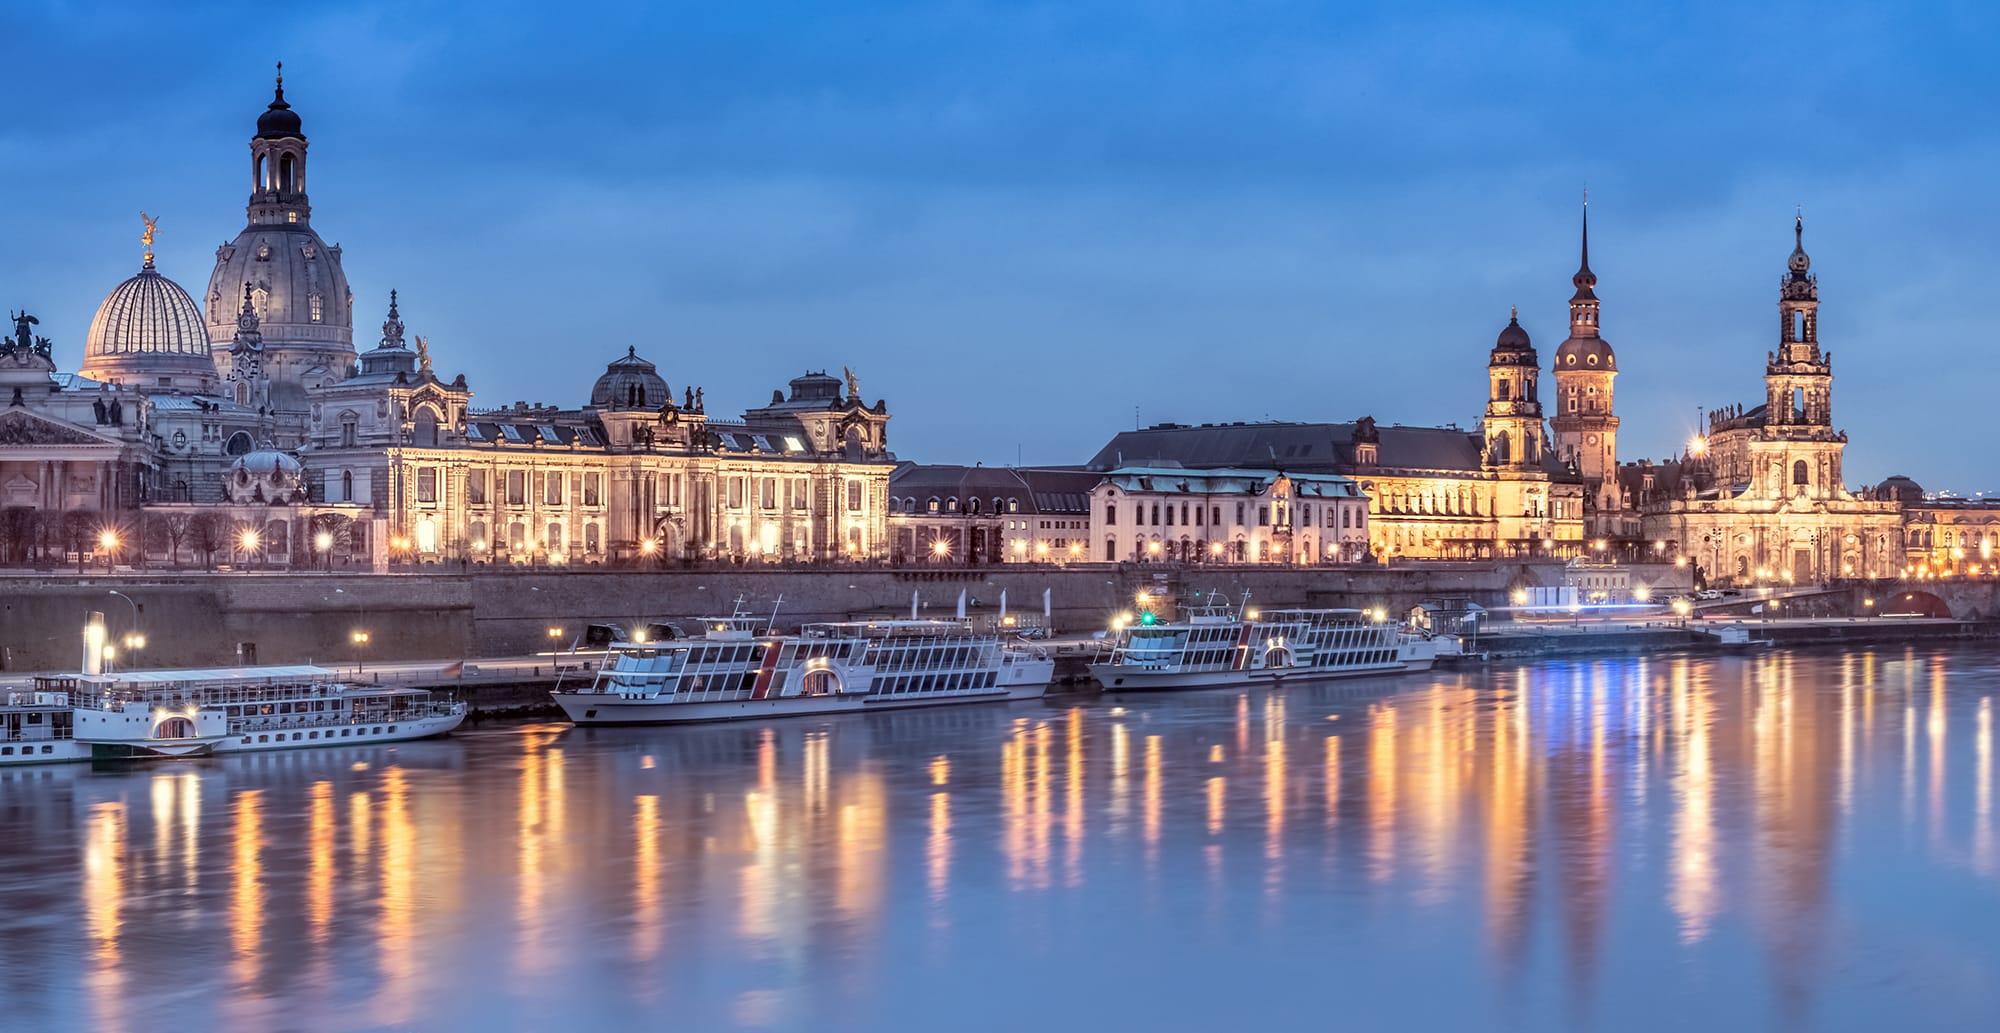 Dresden, Panorama Dresden,Sehenswürdigkeit, Reiseführer, Reisetipps, Highlights, Rundgang, Sightseeing, Stadtplan